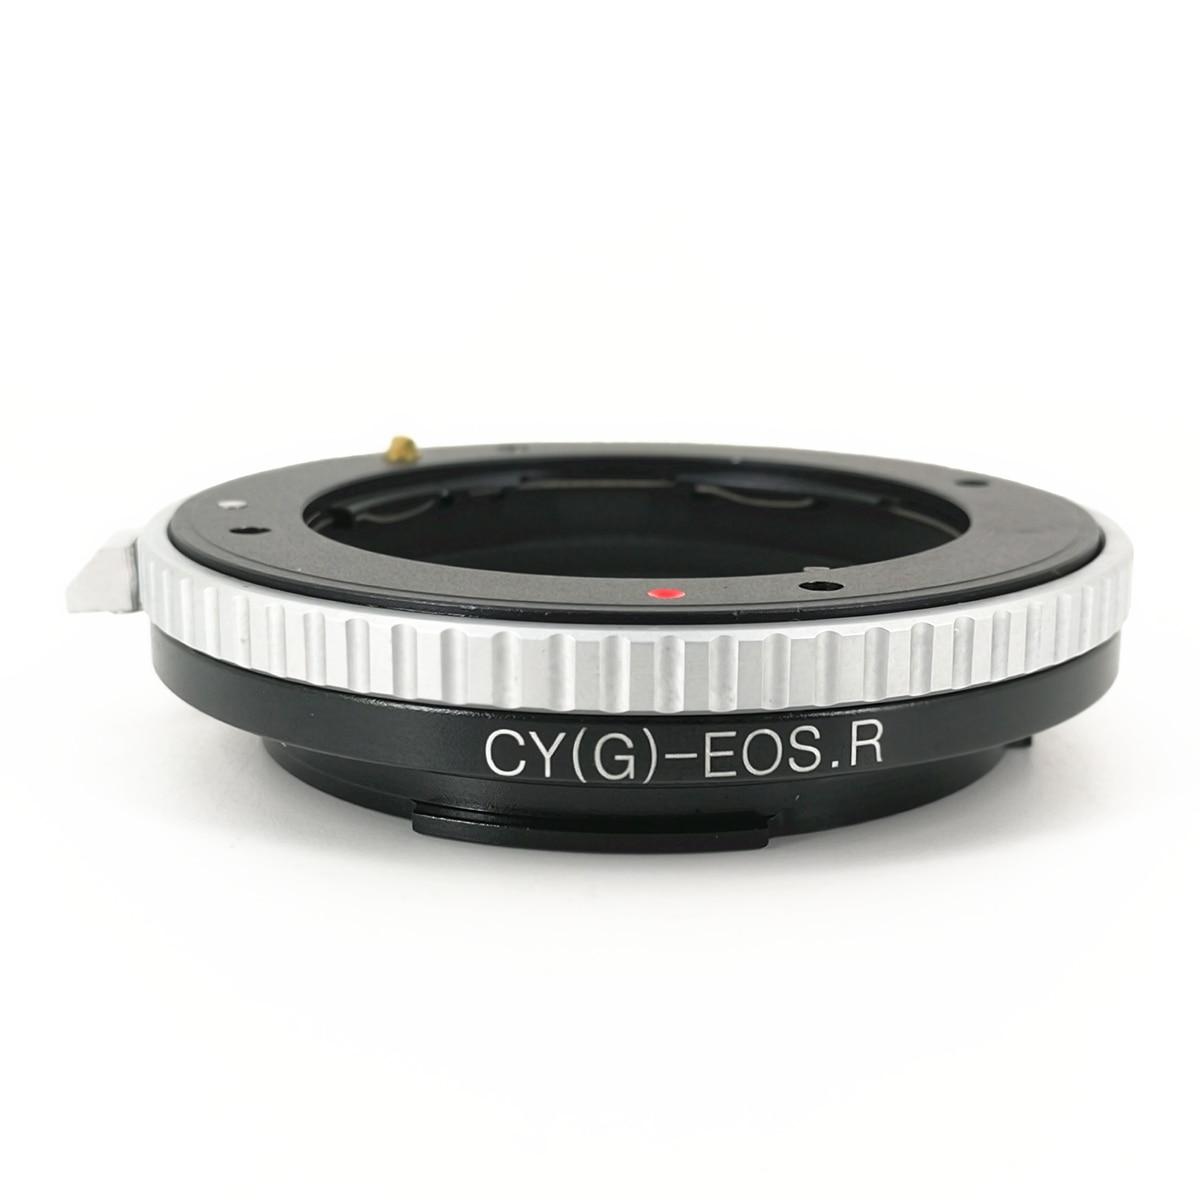 Bague de montage pour adaptateur d'objectif CG-EOSR pour objectifs Contax G et corps Canon EOS R RP RF